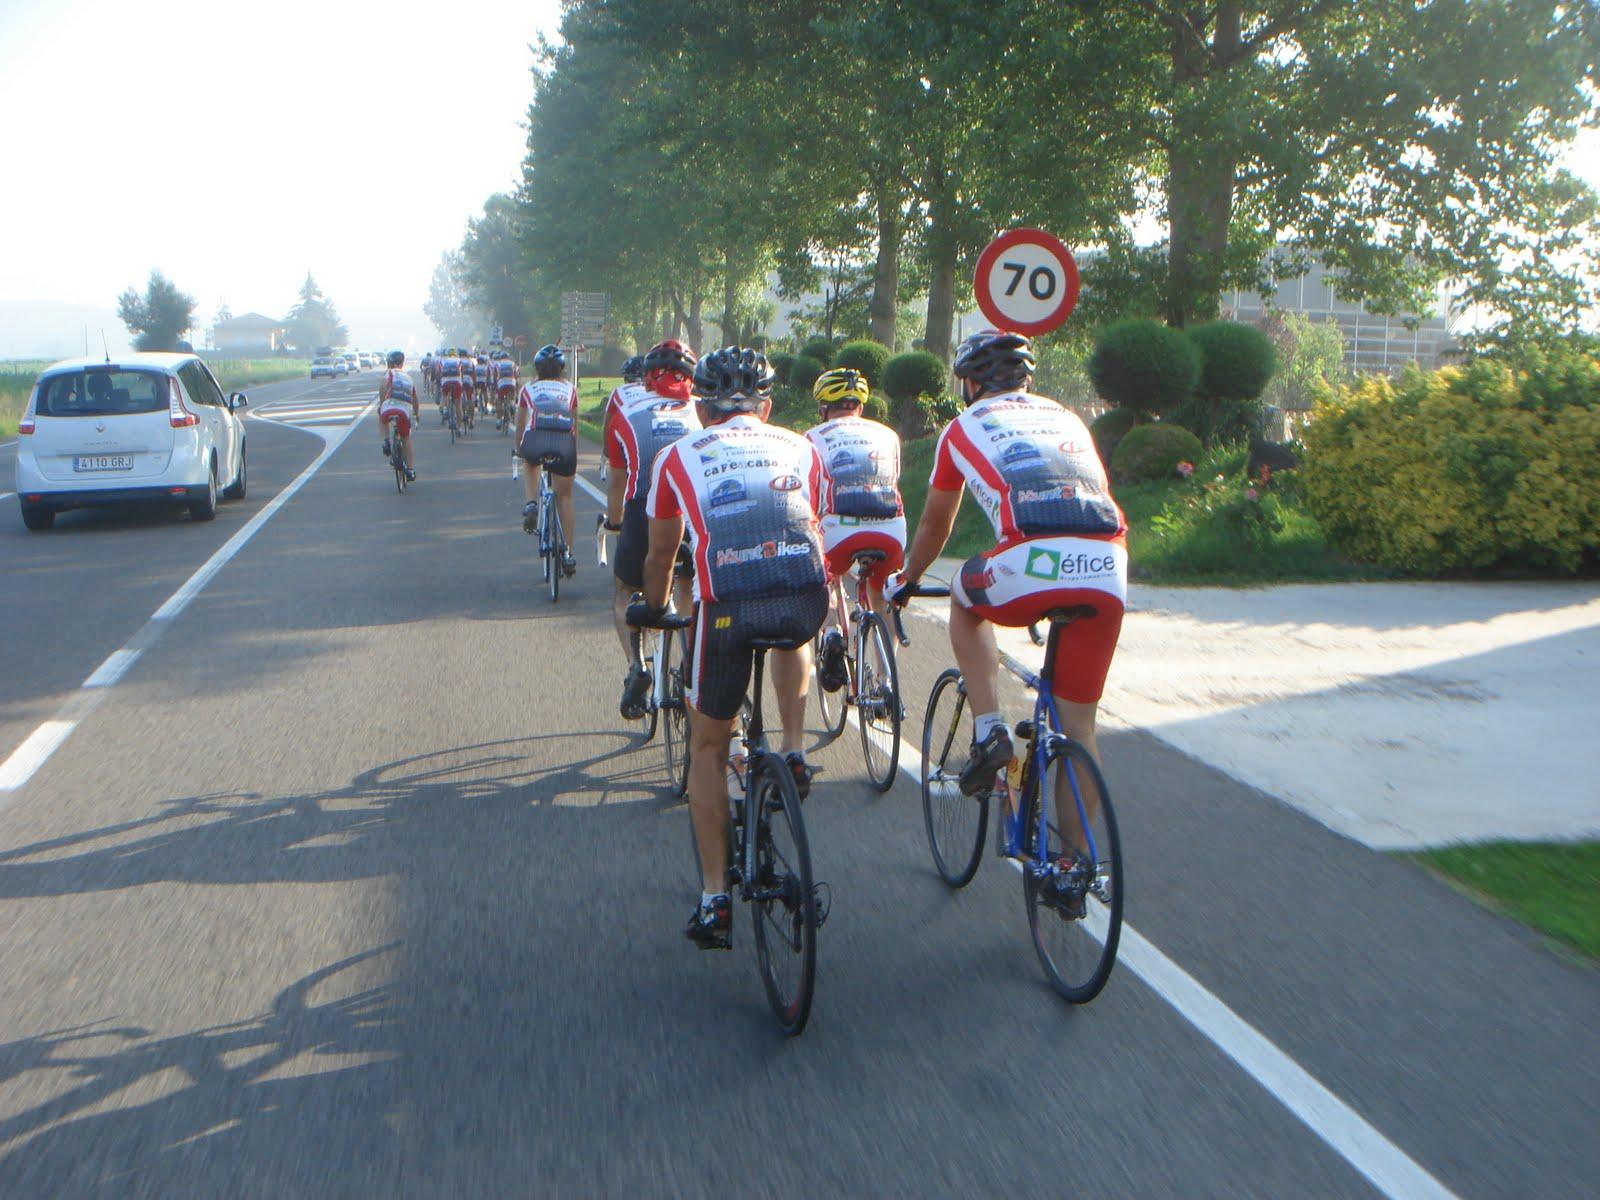 28 ciclistes del Club Ciclista Arenys de Munt reprenen la tradicional pujada a Andorra en bicicleta de carretera